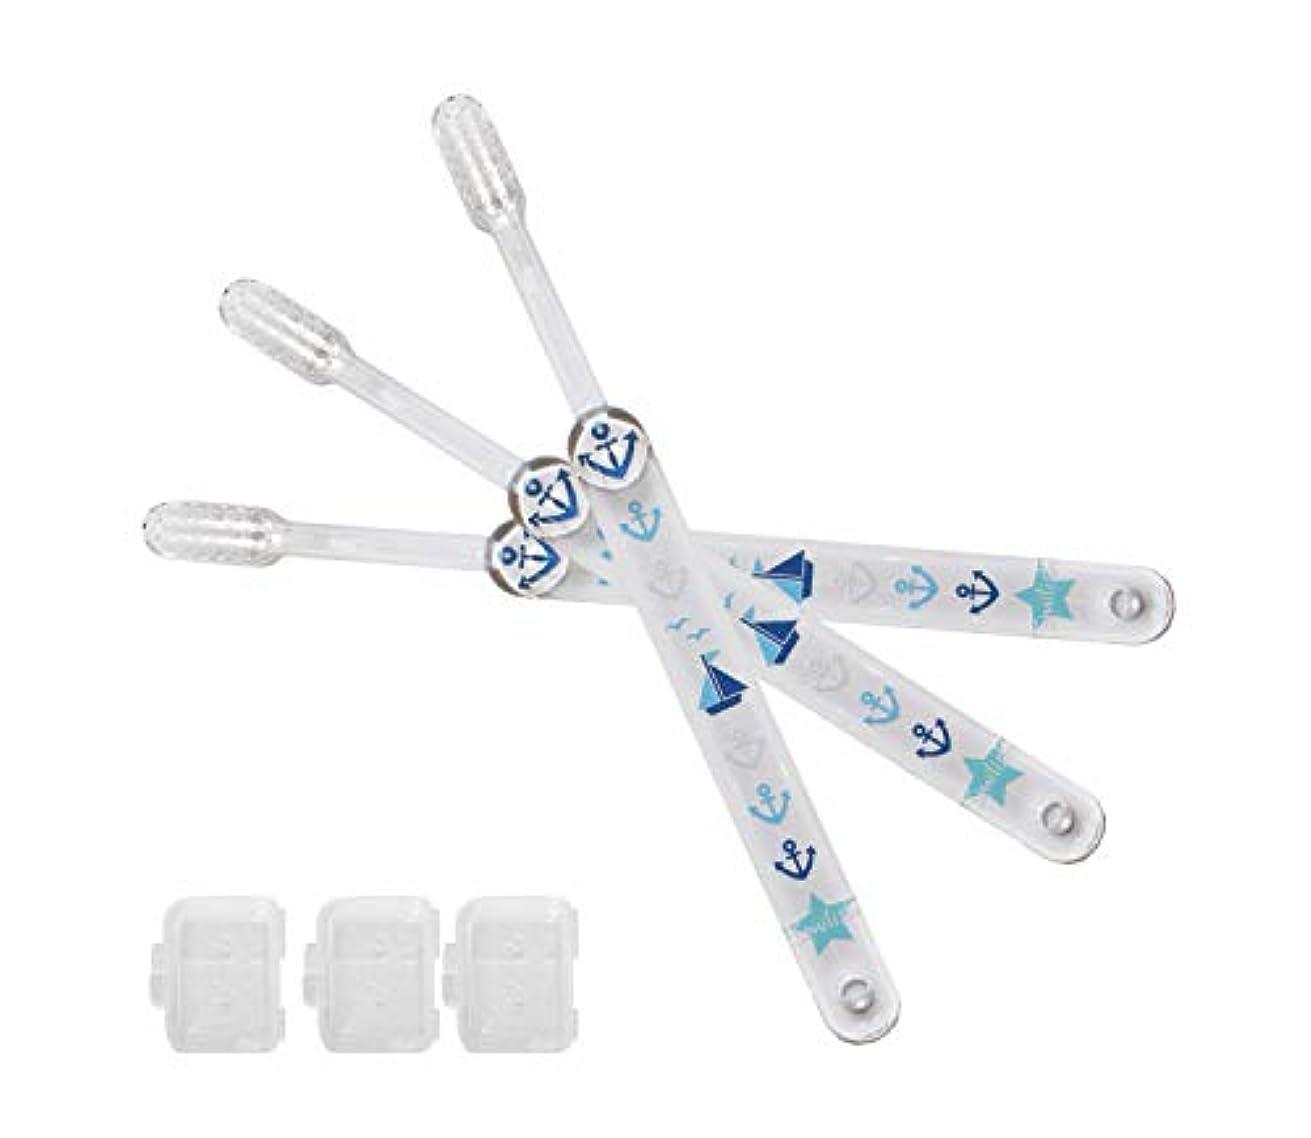 子ども歯ブラシ男の子3本セット(キャップ付き) マリン柄